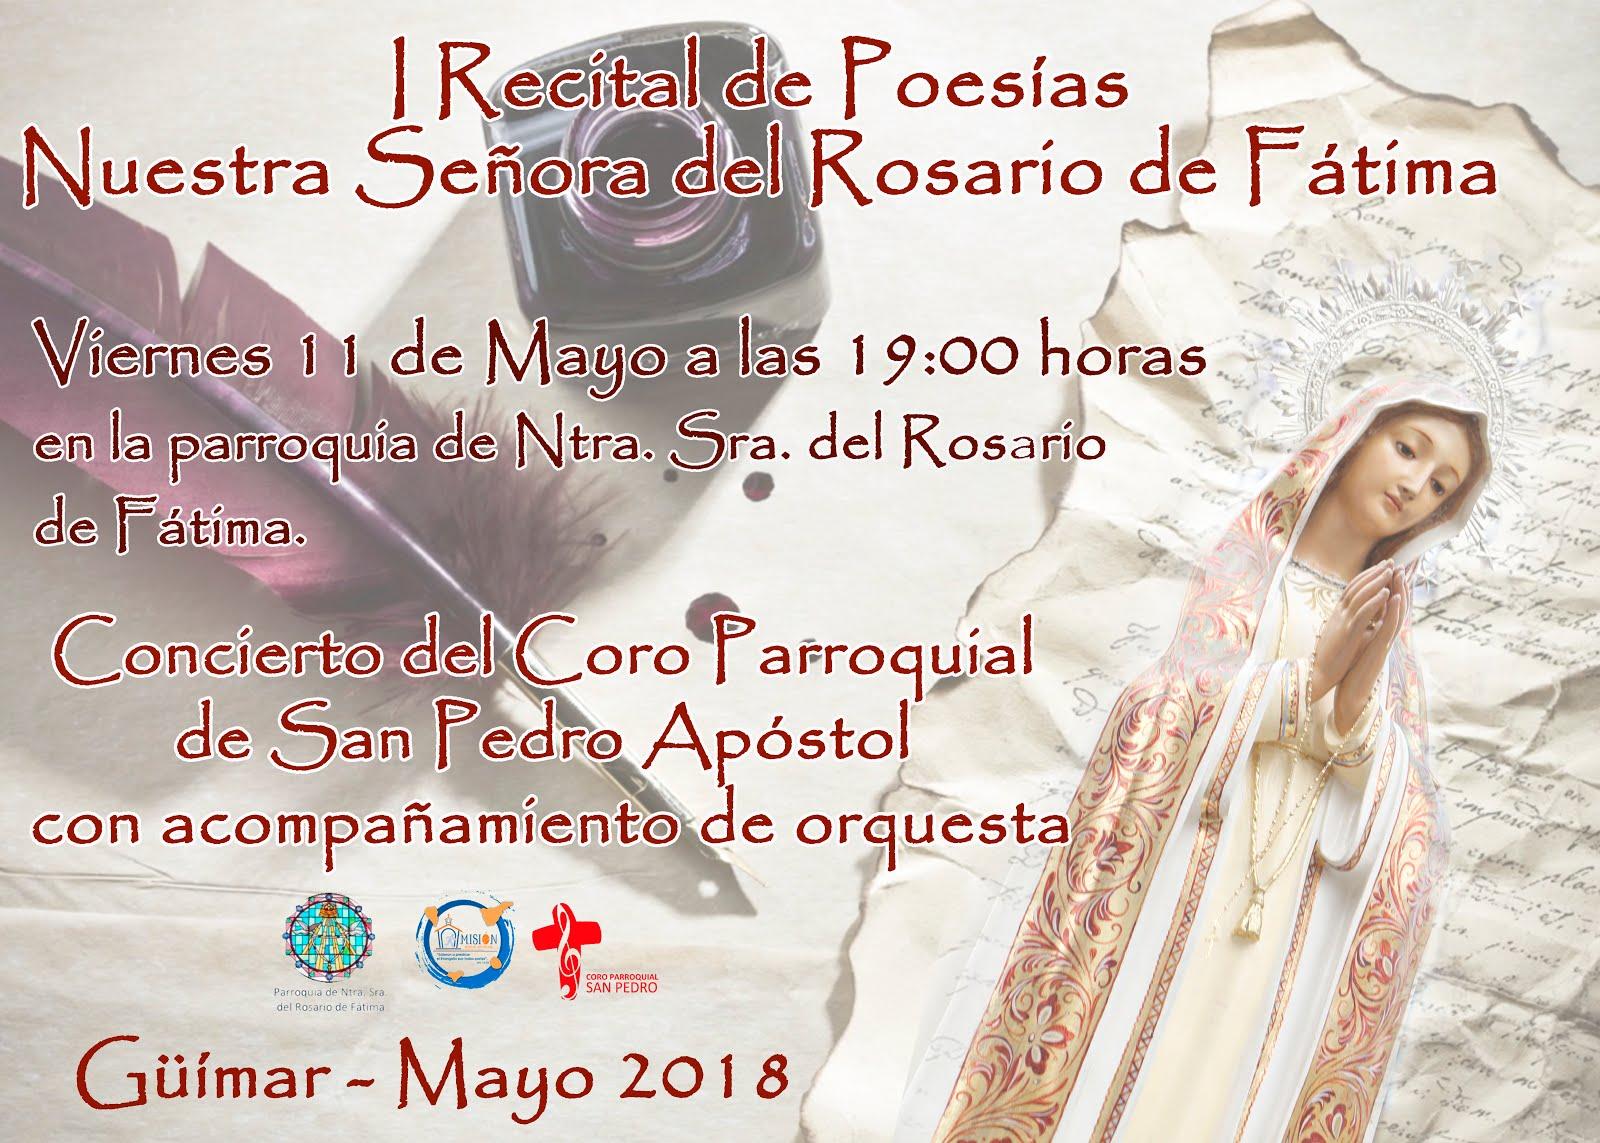 I Recital de Poesía Ntra. Sra. del Rosario de Fátima. Inscríbete en el 678312980